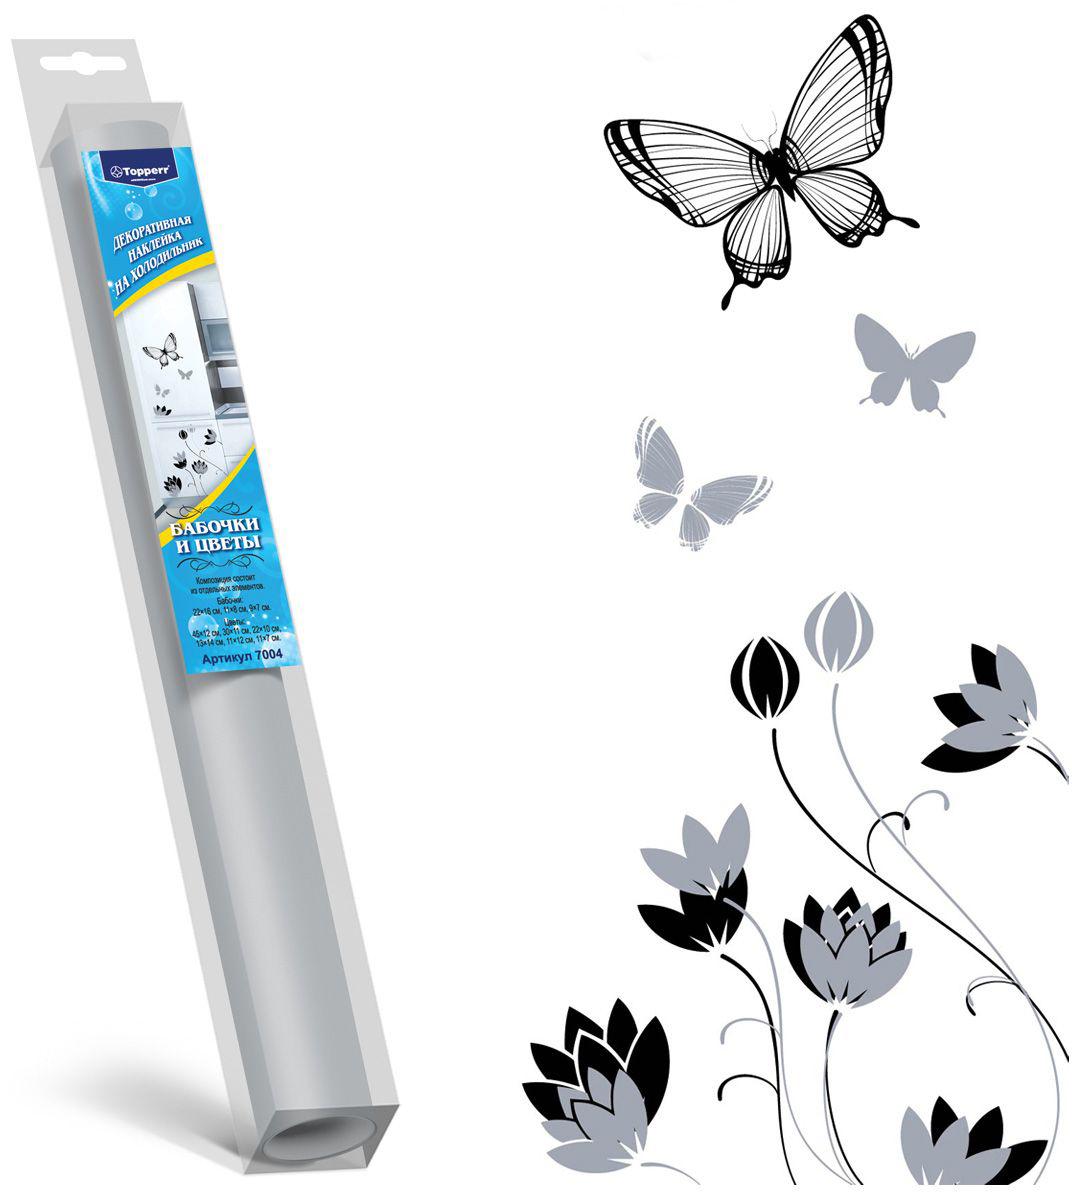 Наклейка для интерьера Topperr Бабочки и цветы1193594_черныйНаклейка для стен и предметов интерьера Topperr Бабочки и цветы, изготовленная из экологически безопасной самоклеящейся виниловой пленки - это удивительно простой и быстрый способ оживить интерьер помещения. Композиция состоит из отдельных элементов.Интерьерные наклейки дадут вам вдохновение, которое изменит вашу жизнь и поможет погрузиться в мир ярких красок, фантазий и творчества. Для вас открываются безграничные возможности придумать оригинальный дизайн и придать новый вид стенам и мебели. Наклейки абсолютно безопасны для здоровья. Они быстро и легко наклеиваются на любые ровные поверхности: стены, окна, двери, кафельную плитку, виниловые и флизелиновые обои, стекла, мебель. При необходимости удобно снимаются, не оставляют следов и не повреждают поверхность (кроме бумажных обоев). Наклейка Topperr Бабочки и цветы поможет вам изменить интерьер вокруг себя: в детской комнате и гостиной, на кухне и в прихожей, витрину кафе и магазина, детский садик и офис.Размеры элементов:- бабочки: 22 х 16 см, 11 х 8 см, 9 х 7 см,- цветы: 45 х 12 см, 30 х 11 см, 22 х 10 см, 13 х 14 см, 11 х 12 см, 11 х 7 см.